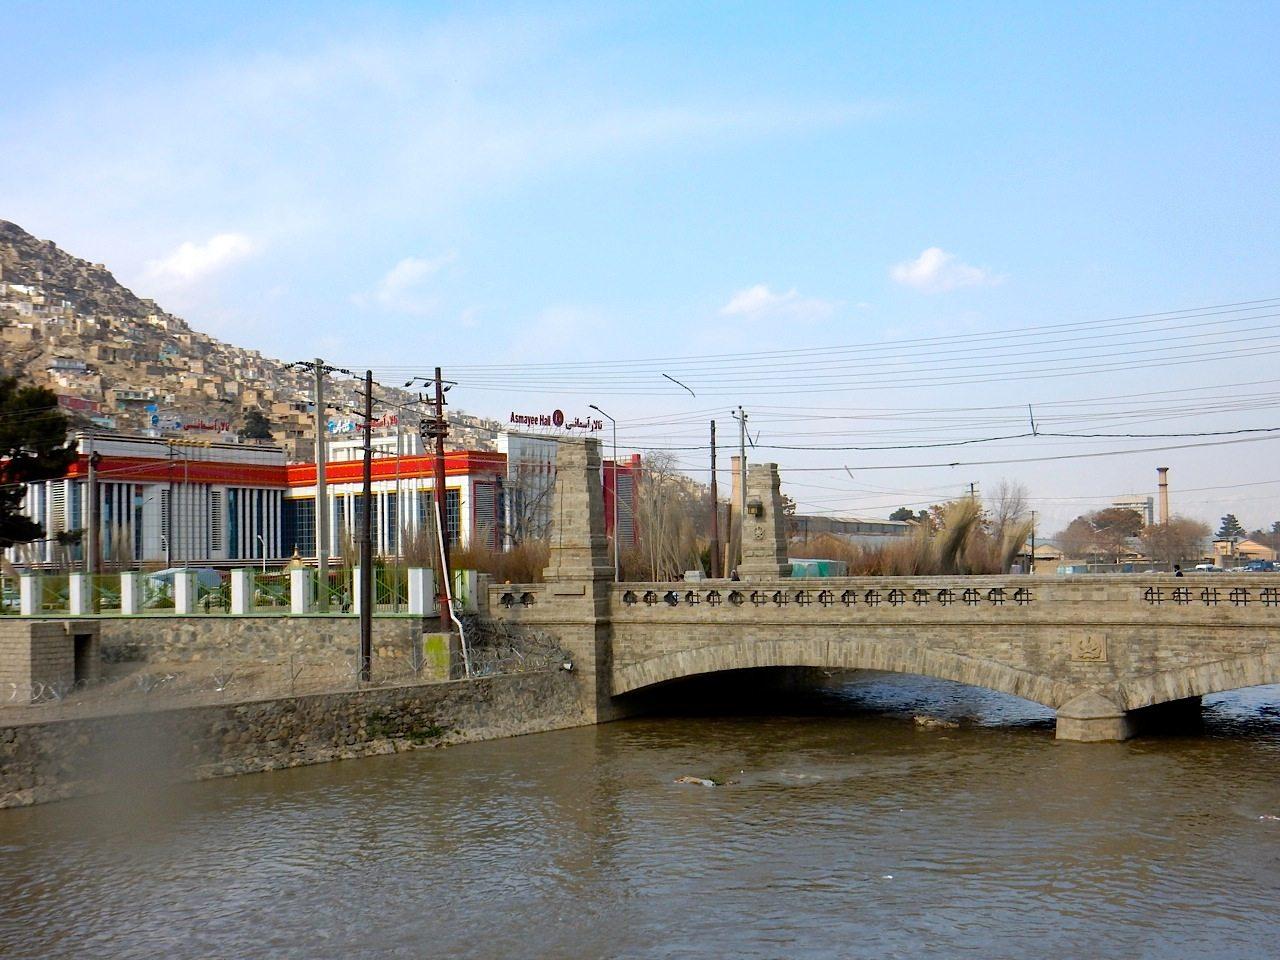 Die Harten-Brücke.  Mit einem der modernen Hochzeitspaläste im Hintergrund